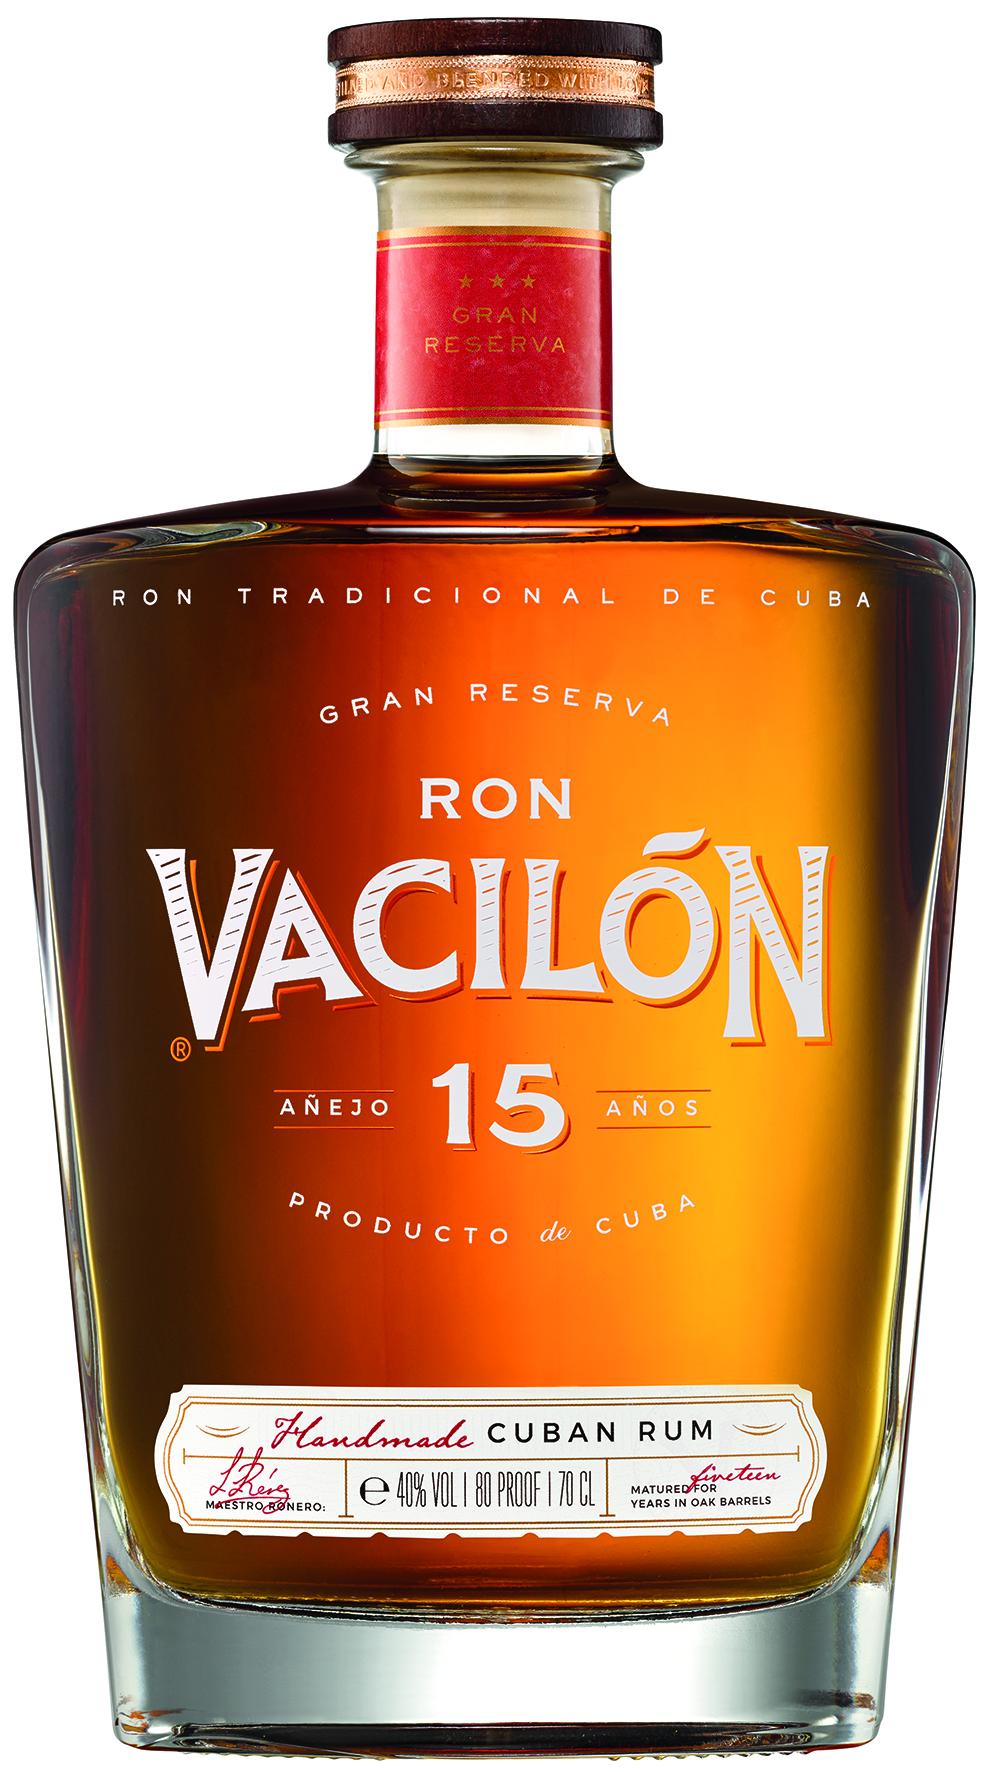 RON VACILÓN 15 AÑOS – GRAN RESERVA